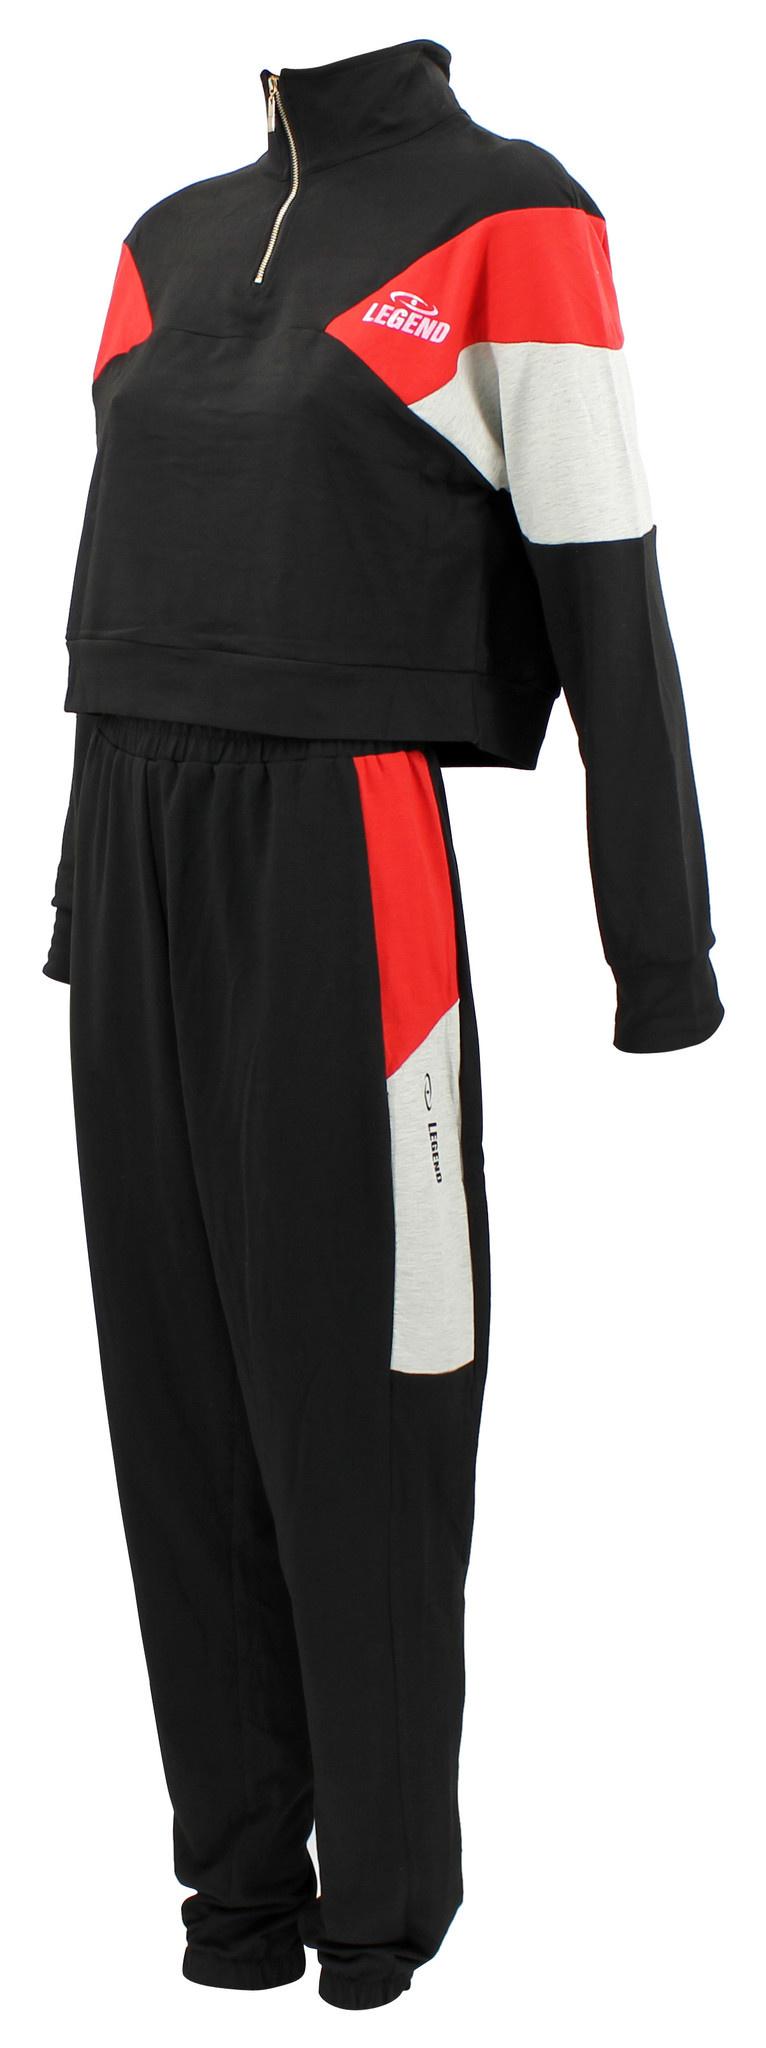 Dames Lifestyle suit Black